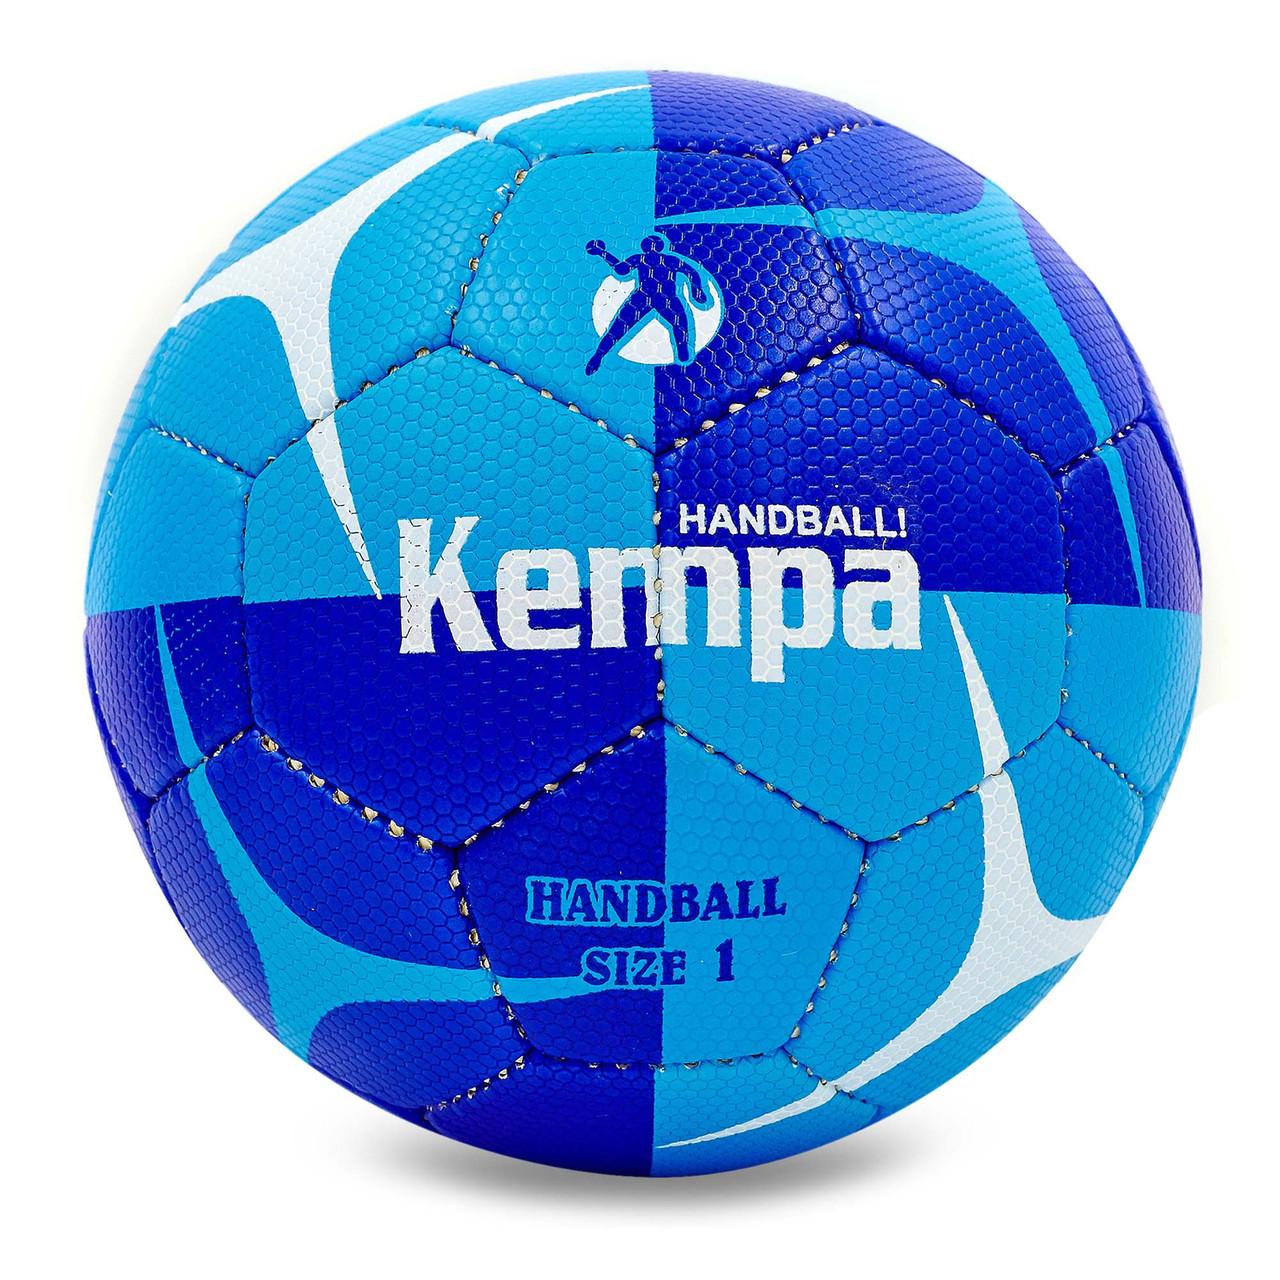 Мяч для гандбола KEMPA (PU, р-р 1, сшит вручную, голубой-синий)